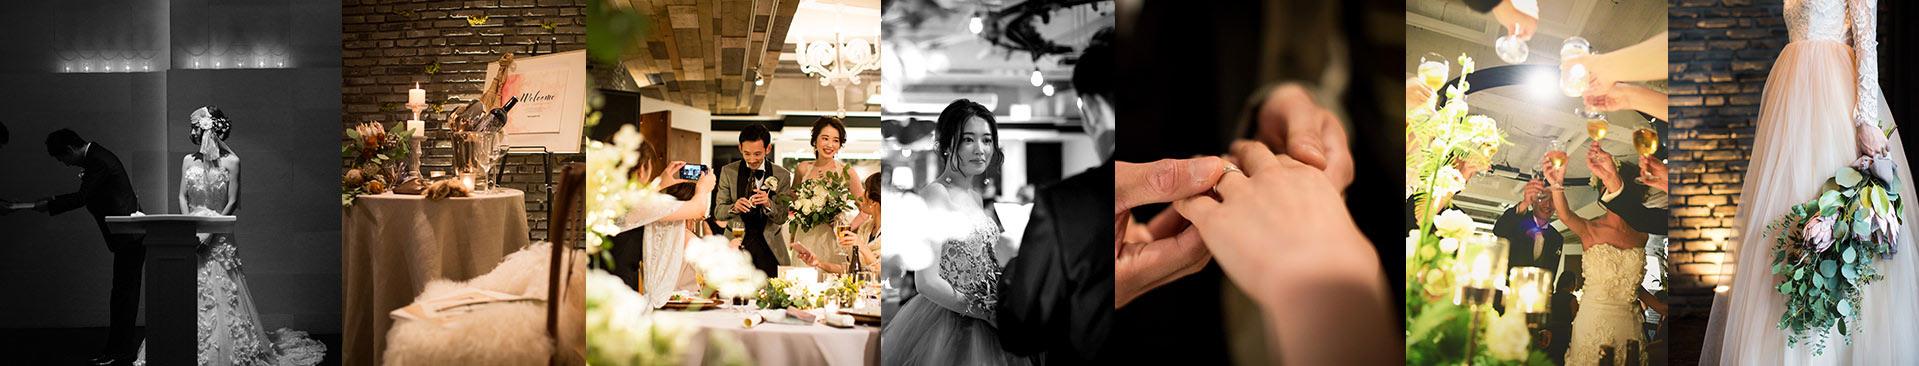 岡山 結婚式場 挙式 二次会 飲み会 披露宴 宴会 コンセプト パーティ おもてなし 多人数